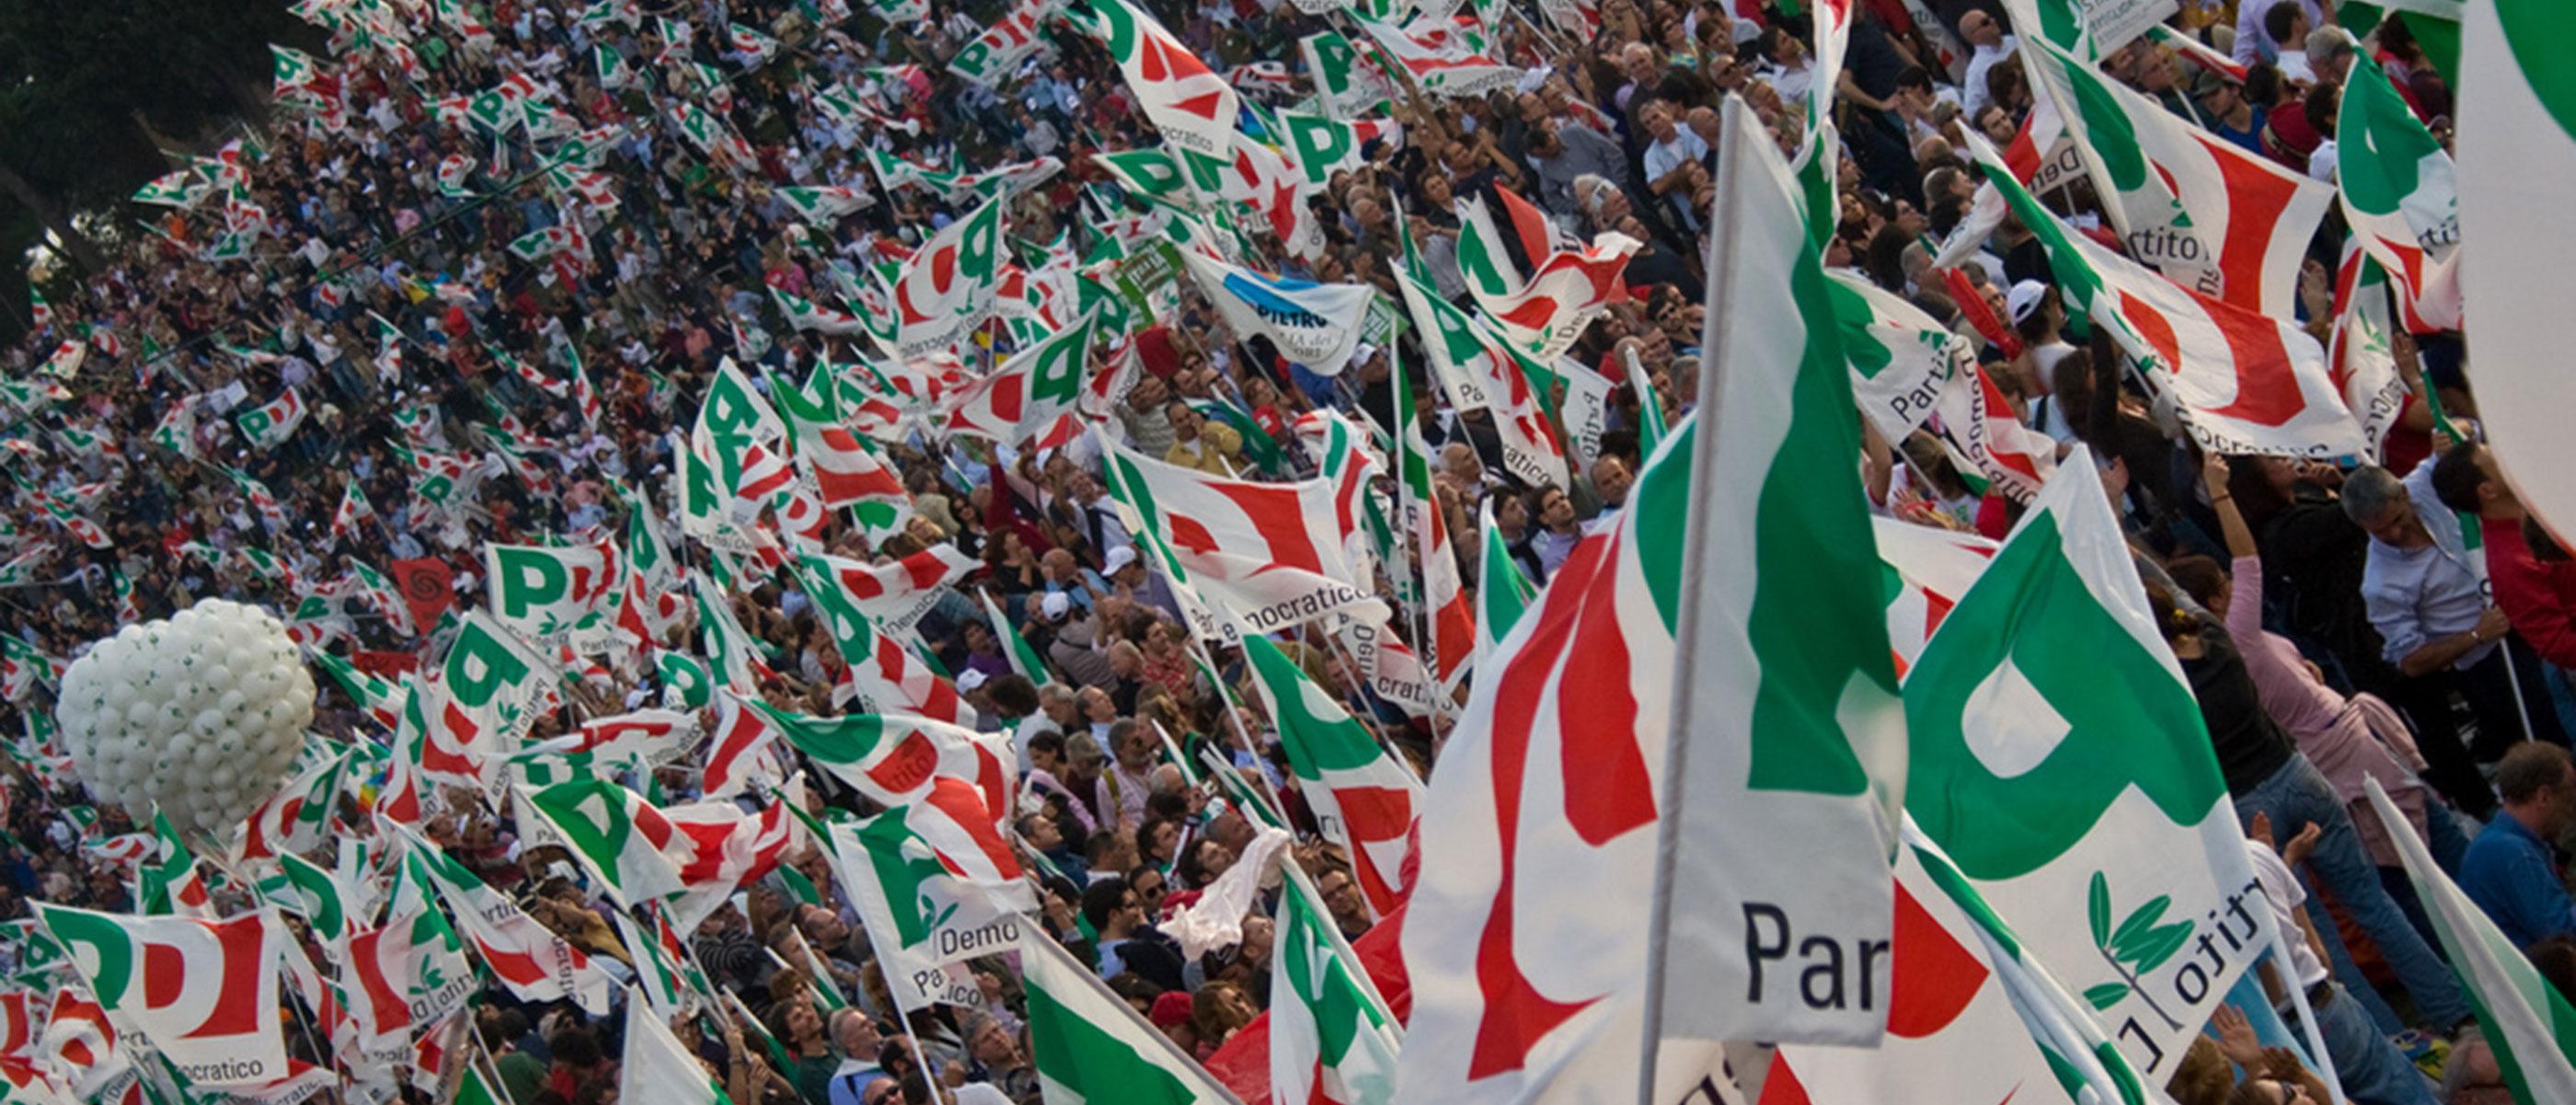 """di Alessandro Campi Da quando il Partito democratico ha deciso di fare un governo con il M5S, sono nati in Italia due nuovi partiti (entrambi alla sua destra: quello di Renzi e quello di Calenda) e un movimento di protesta che potrebbe diventare anche un partito (alla sua sinistra: le cosiddette """"sardine""""). Per il Pd quest'effervescenza ai suoi confini di sigle e proposte politiche, magari minoritarie e in prospettiva effimere ma al momento ben intenzionate ad affermare la propria autonomia e originalità,"""